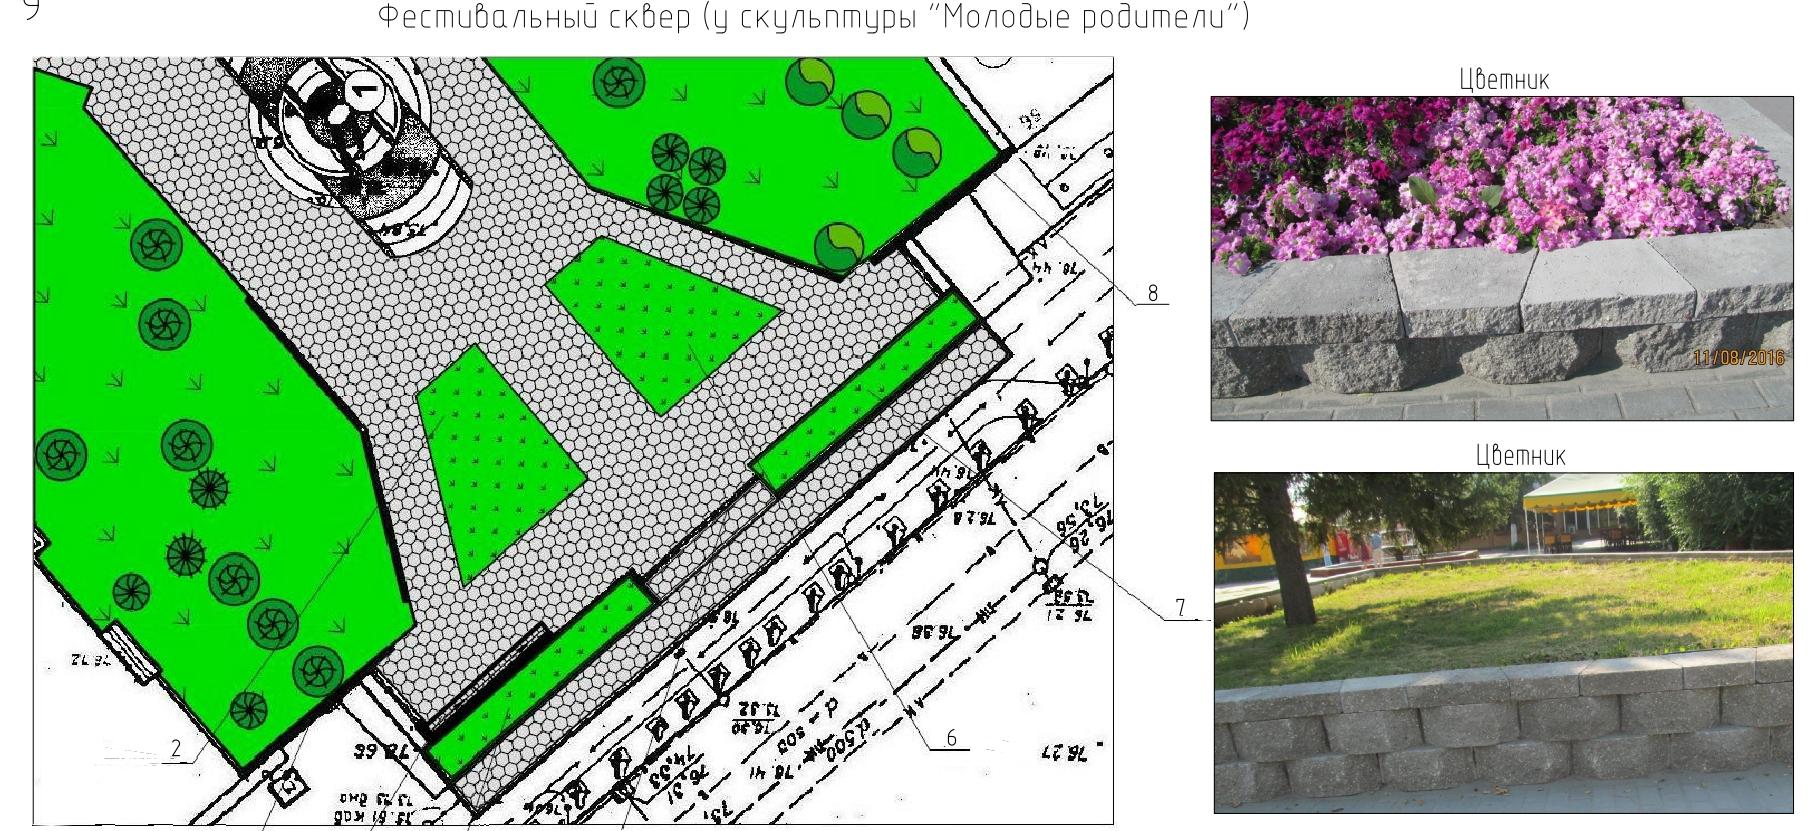 В Кургане опубликовали проекты 17 территорий, которые собираются благоустроить